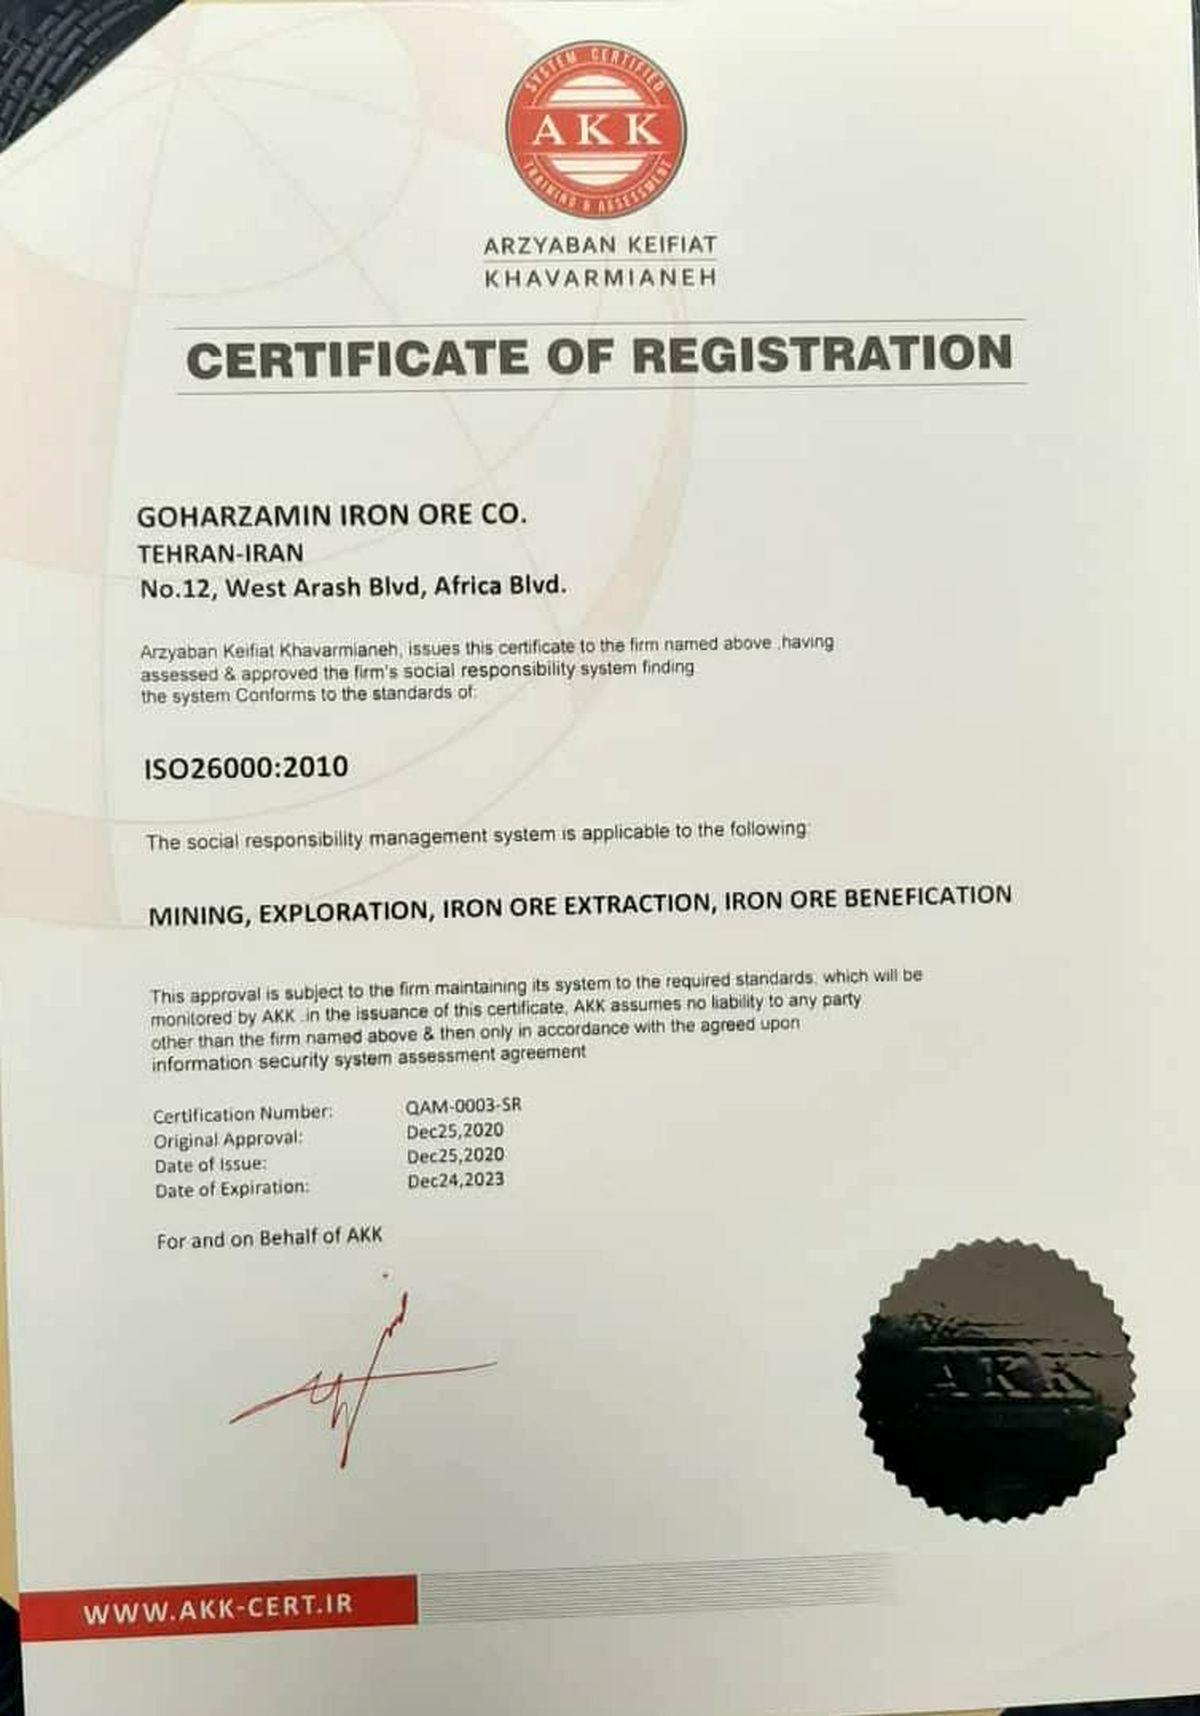 اخذ ایزو ۲۶۰۰۰ توسط شرکت سنگ آهن گهرزمین